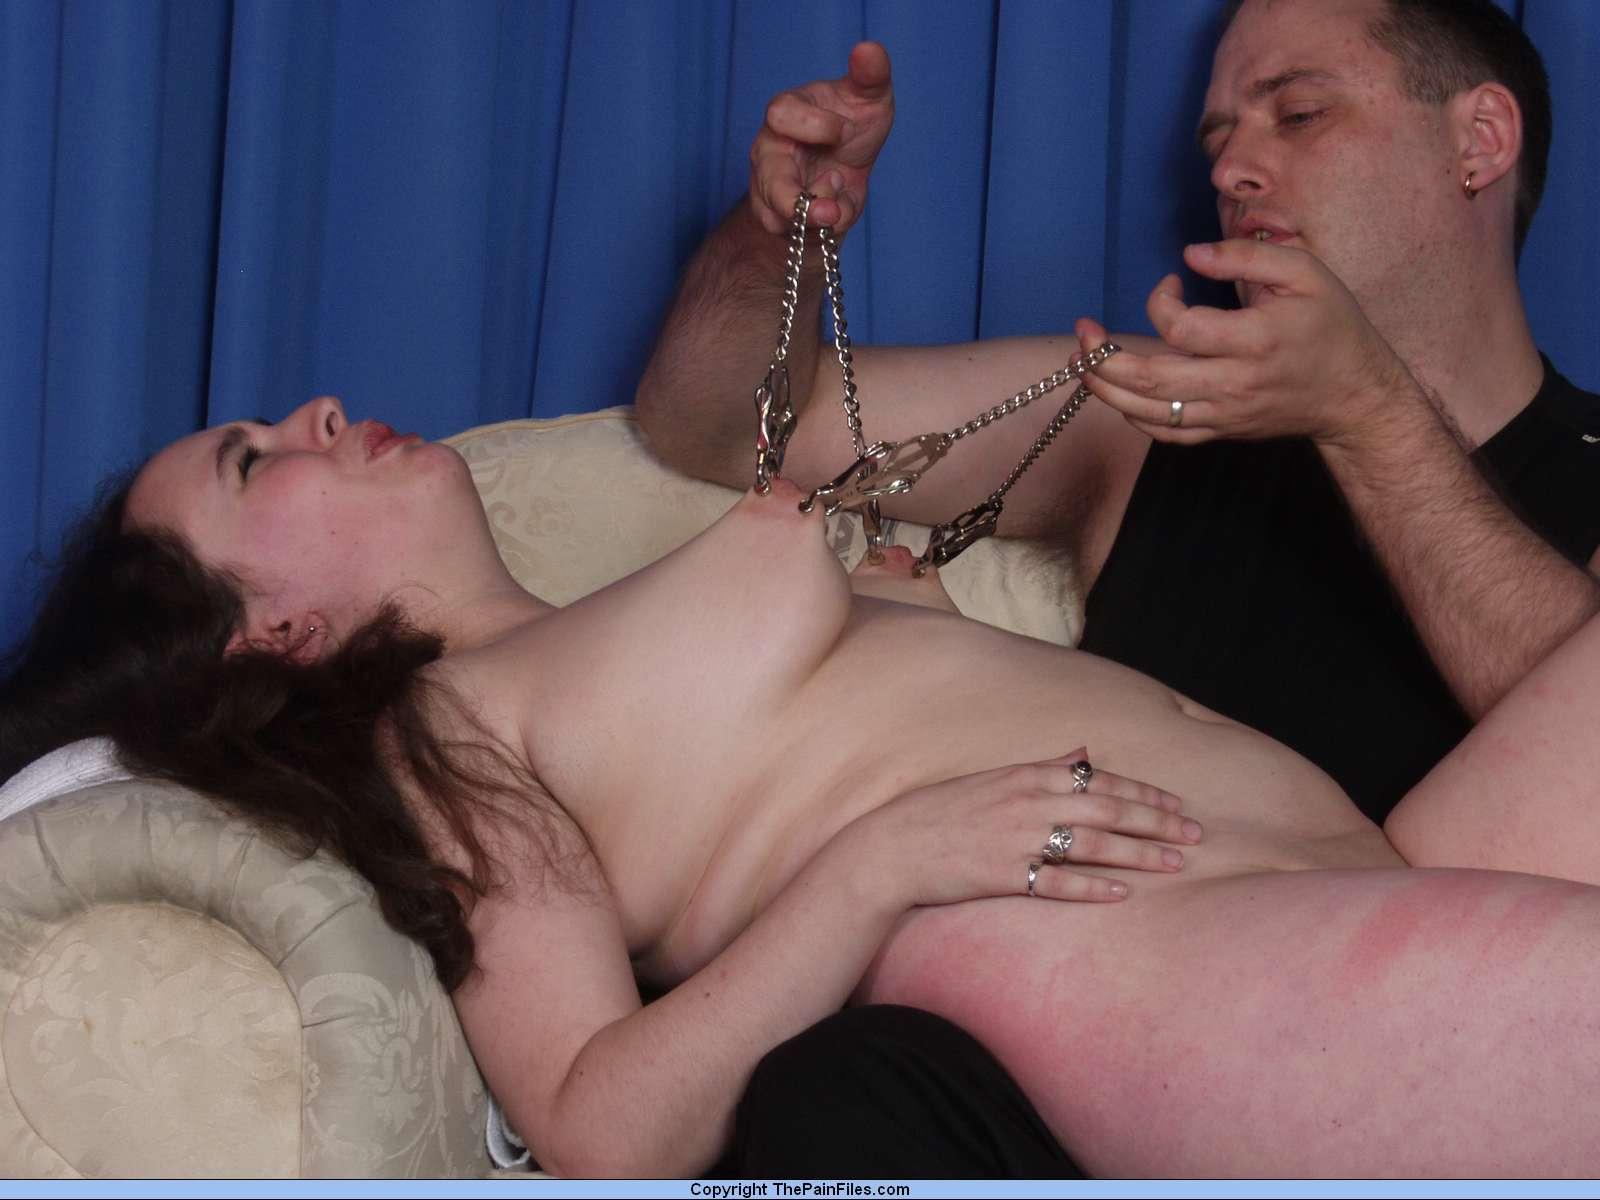 Male orgasm interception